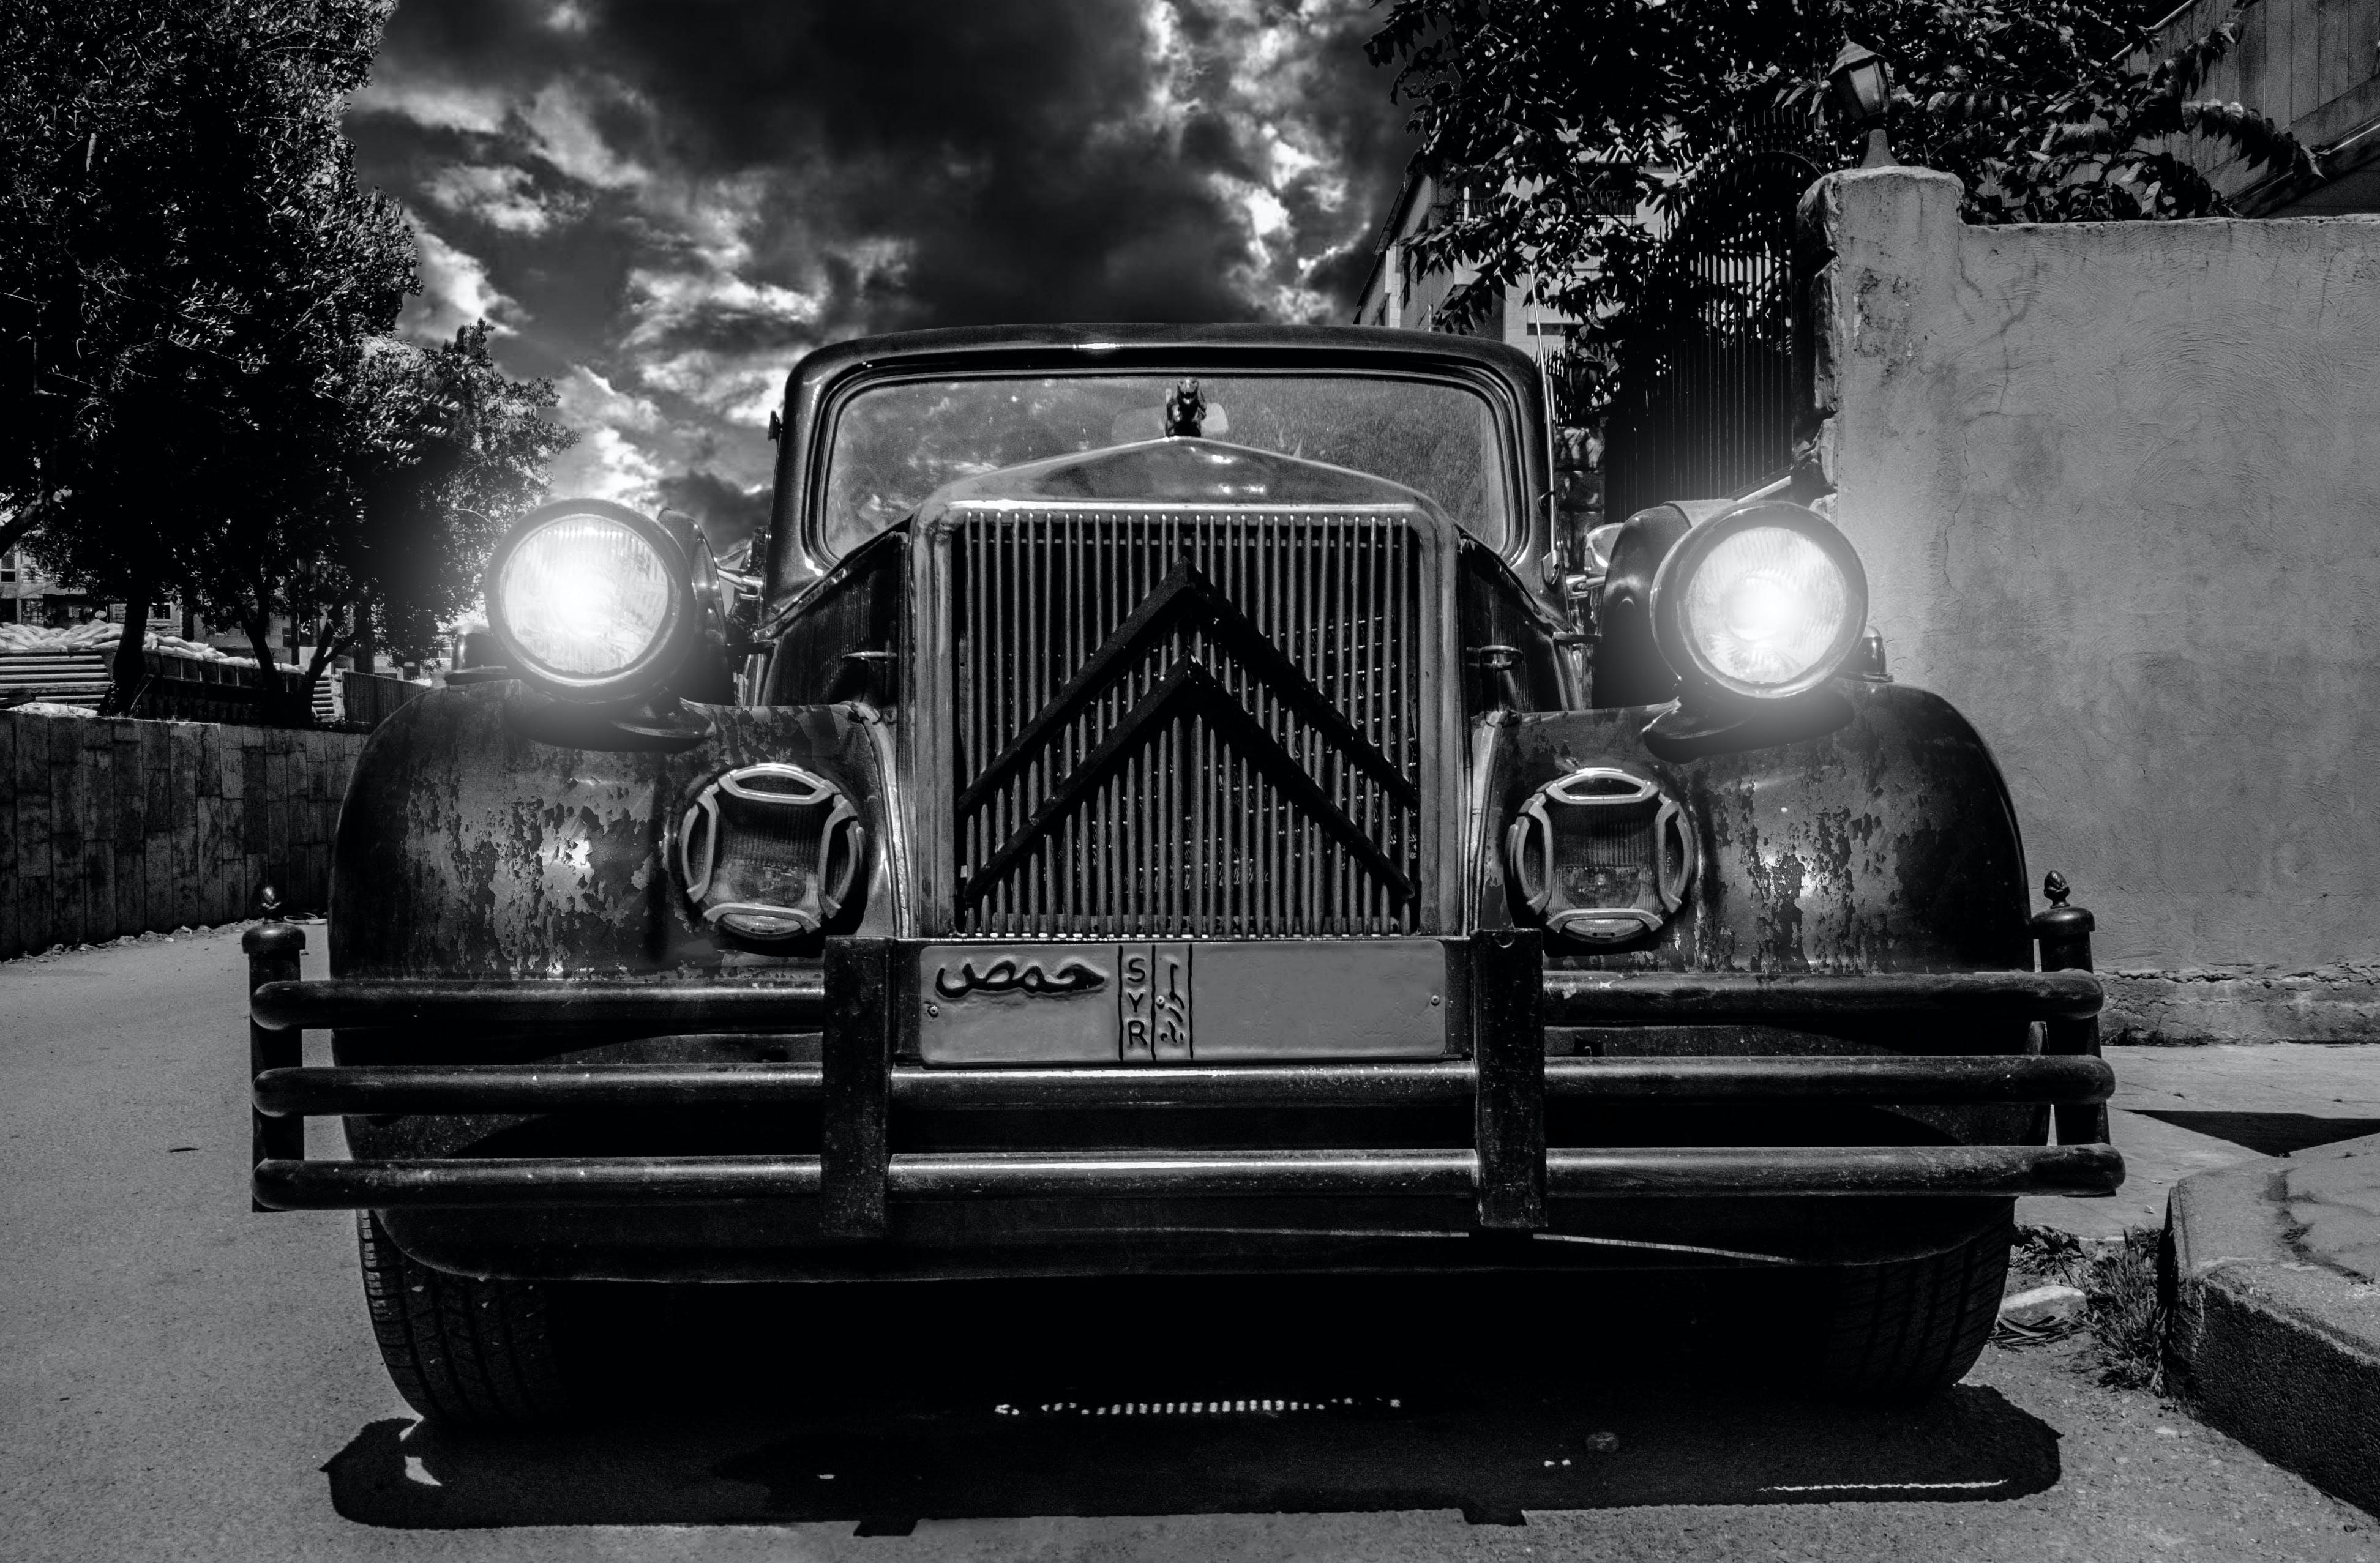 Δωρεάν στοκ φωτογραφιών με citroen, vintage, vintage αυτοκίνητο, ασπρόμαυρο